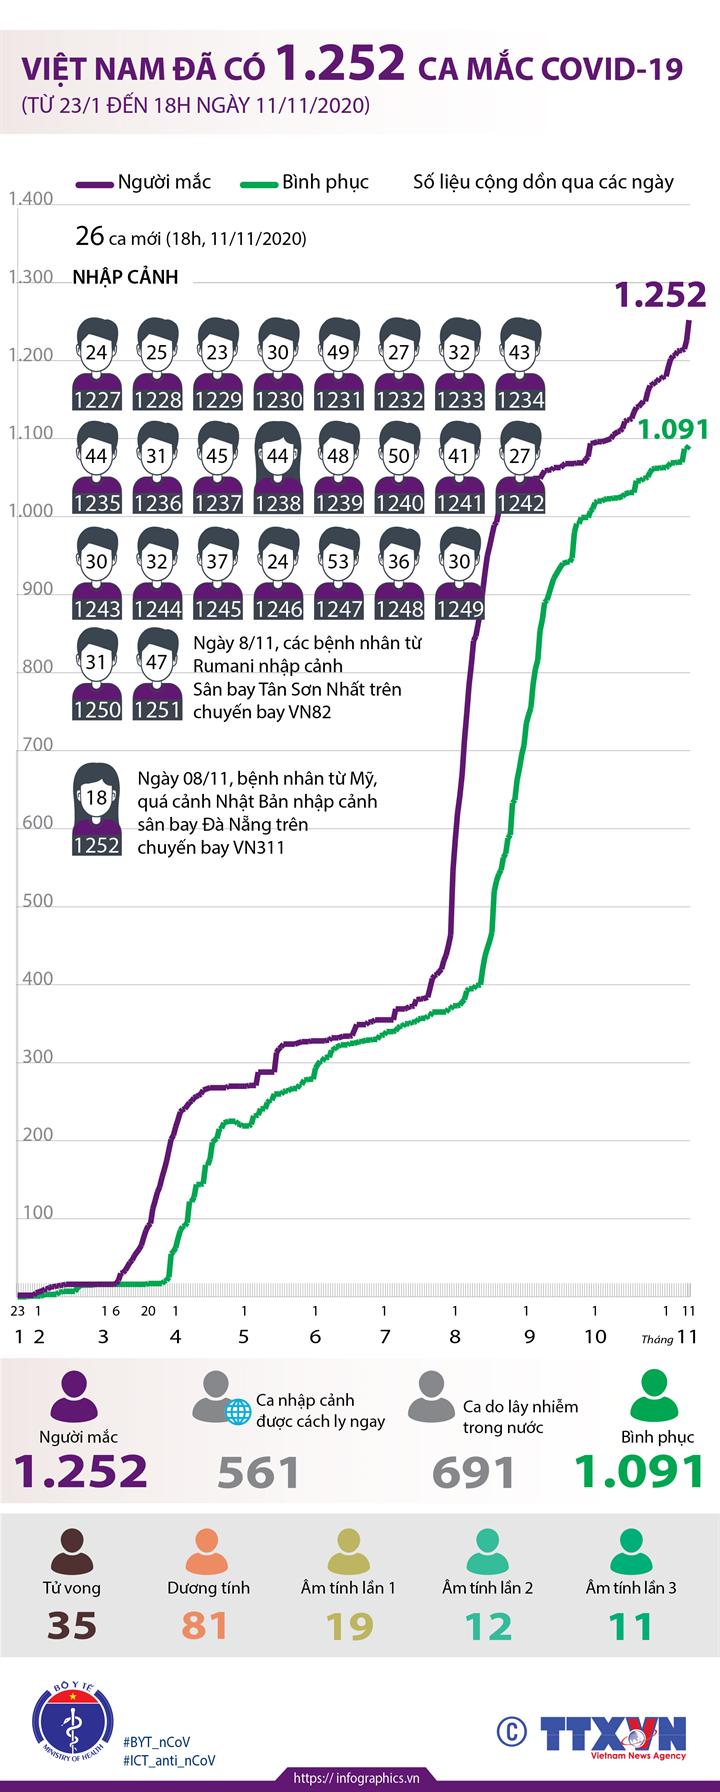 Việt Nam đã có 1.252 ca mắc COVID-19 (từ 23/1 đến 18h ngày 11/11/2020)